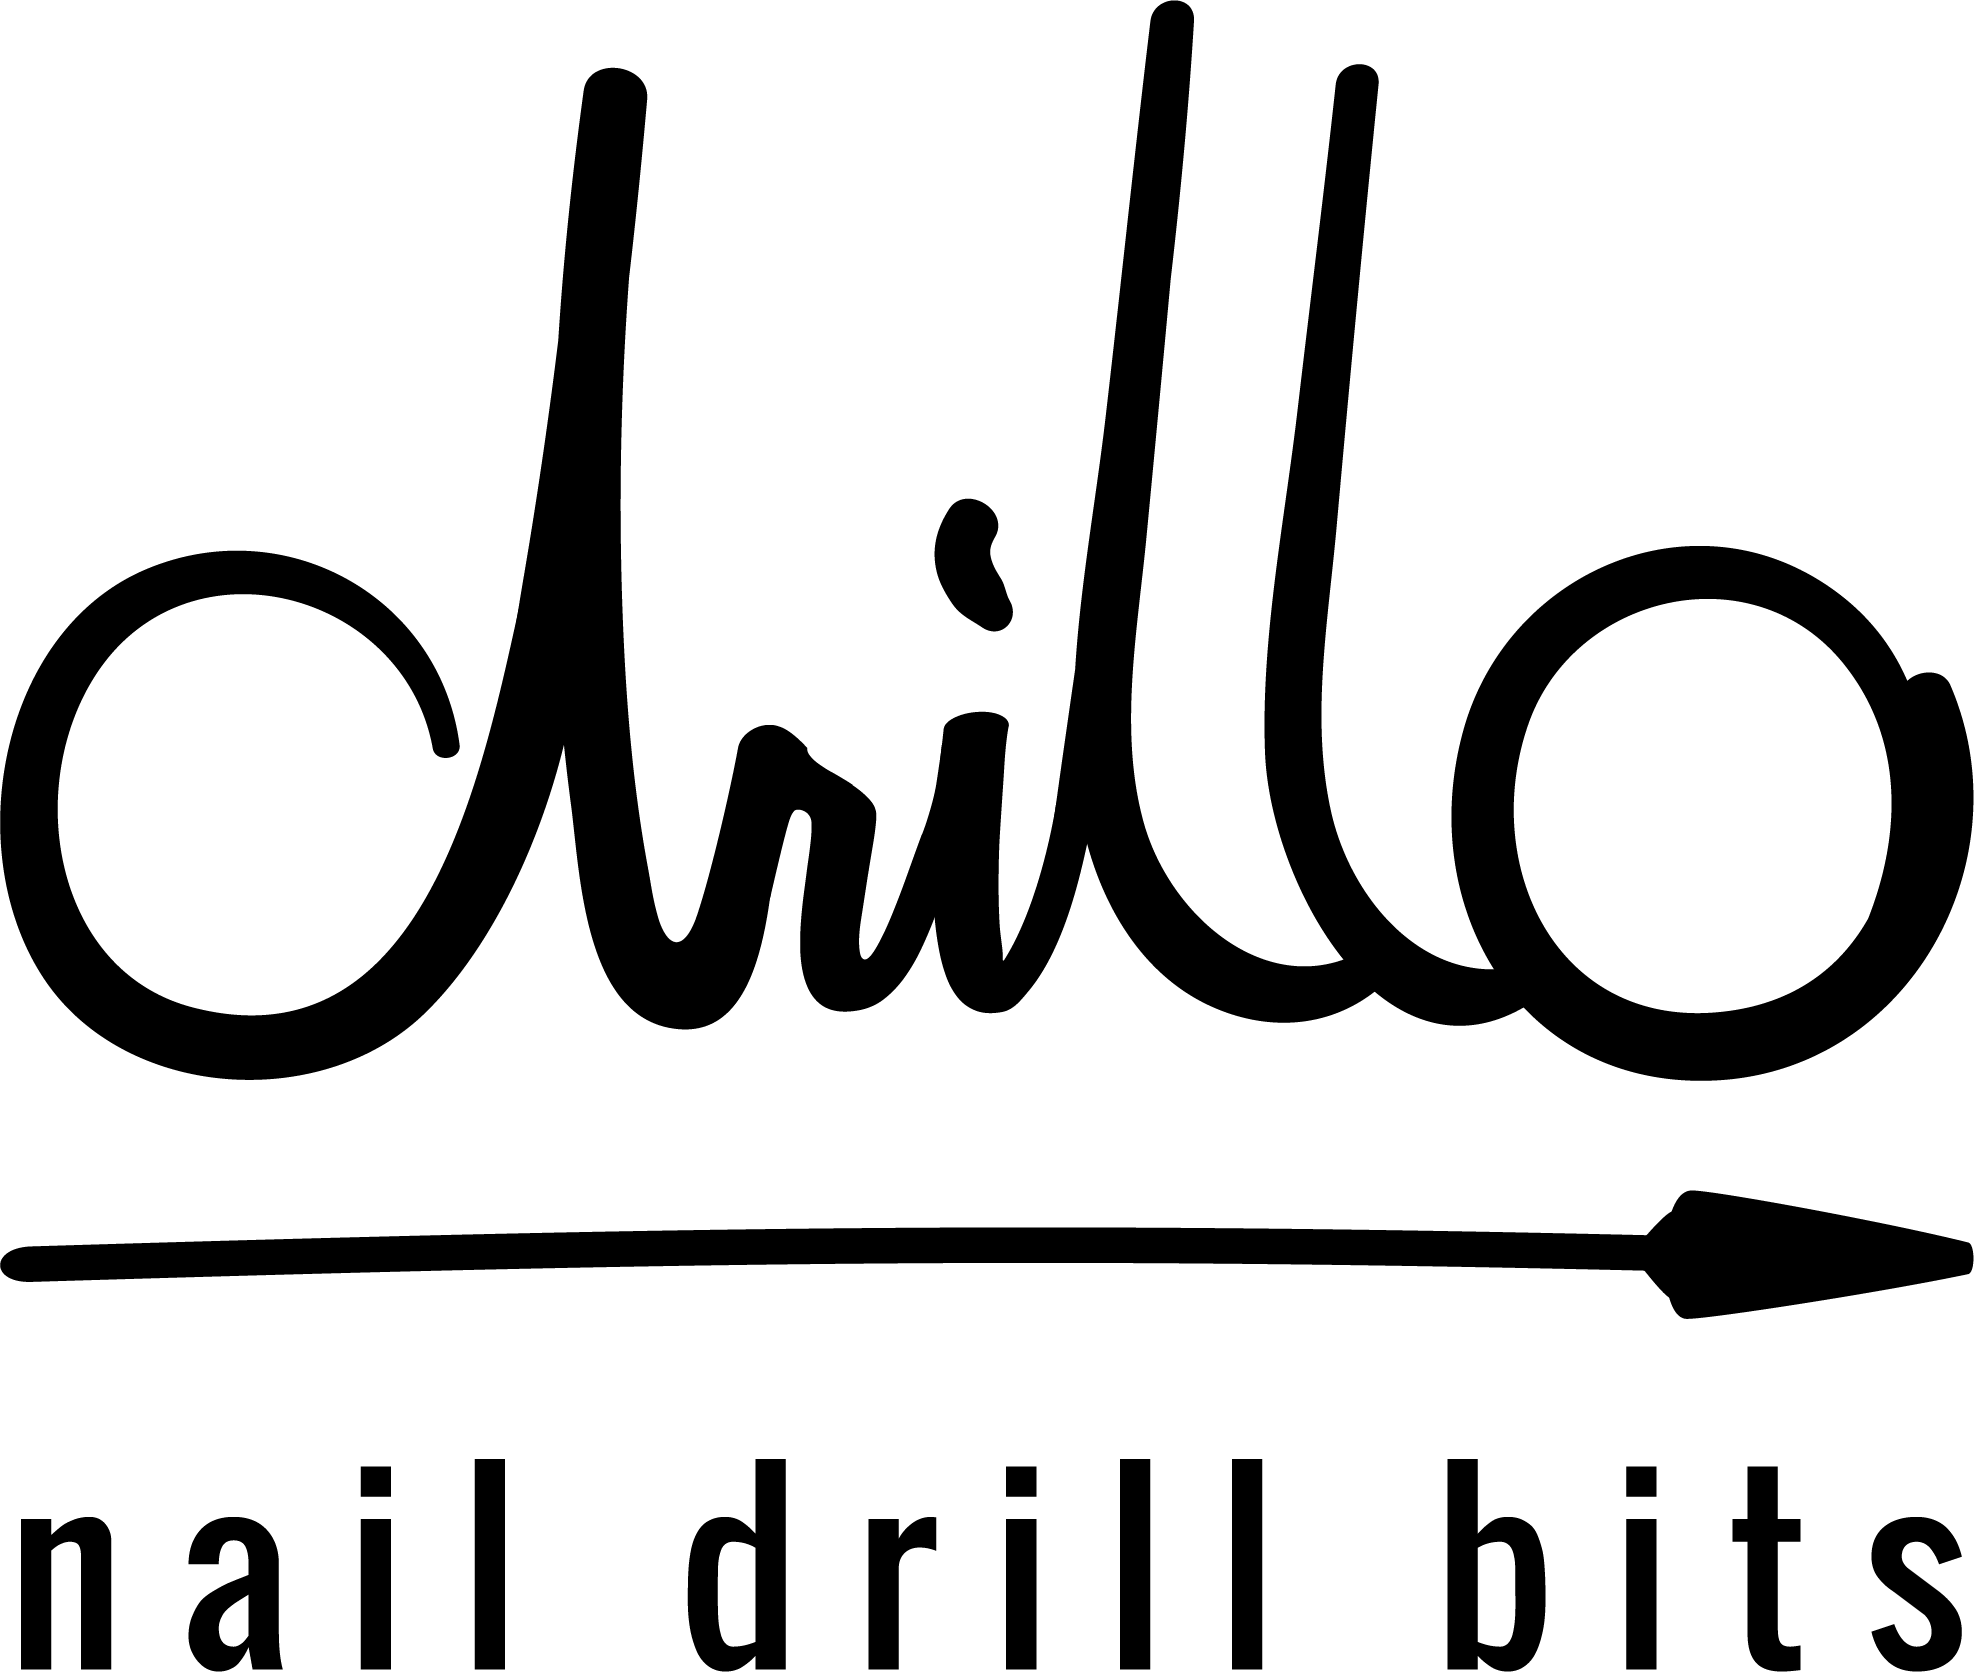 Drillo